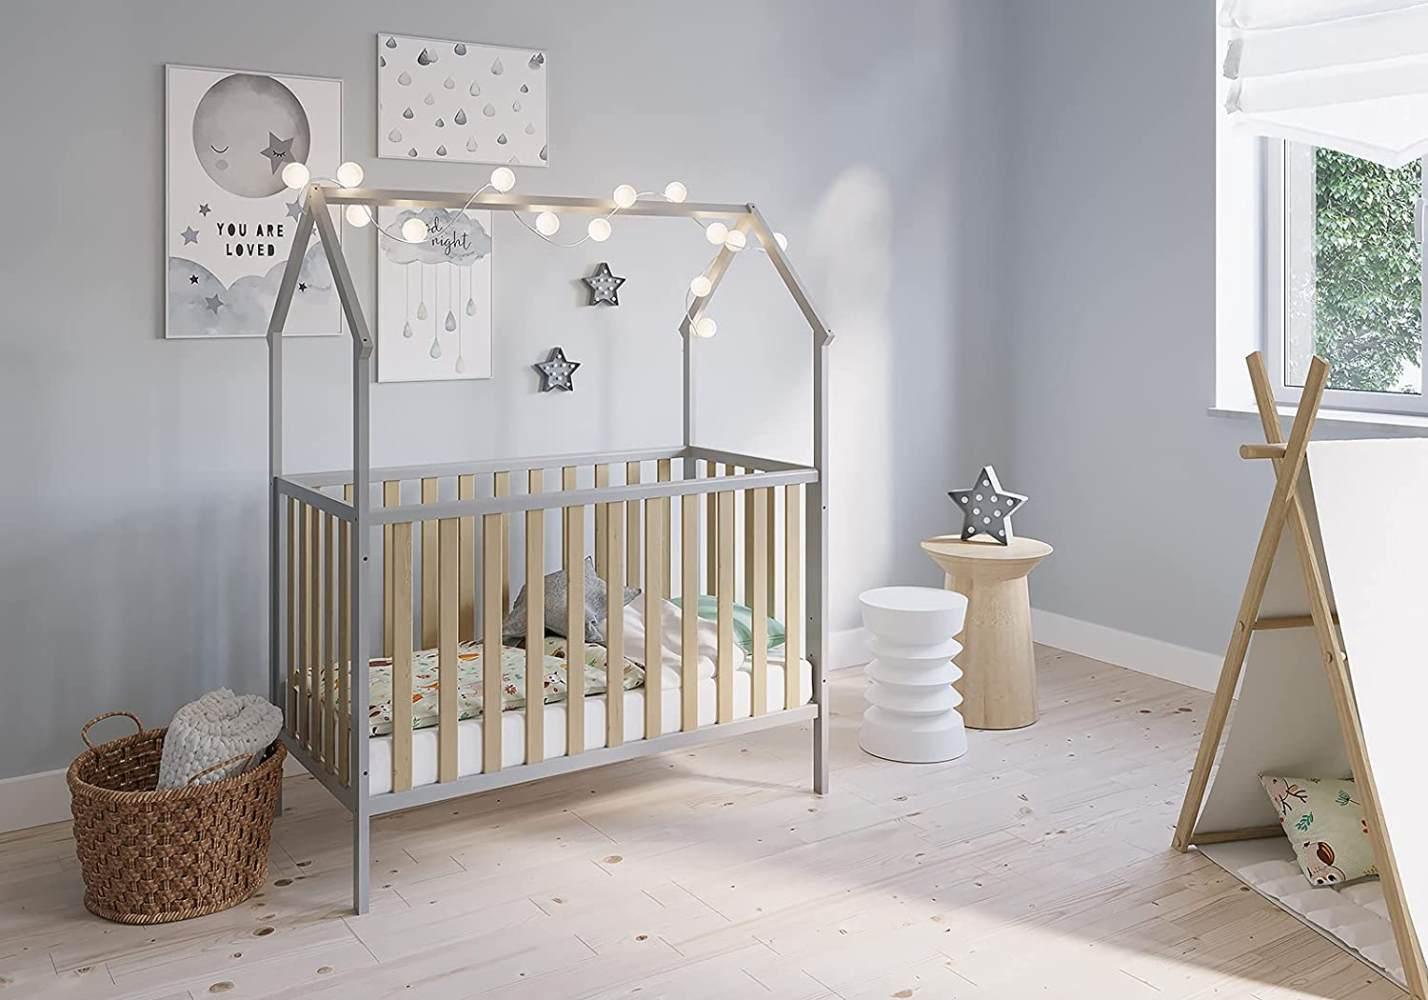 FabiMax 'Schlafmütze' Kinderbett, 60 x 120 cm, grau/natur, mit Matratze Comfort, Kiefer massiv, 3-fach höhenverstellbar, umbaubar Bild 1